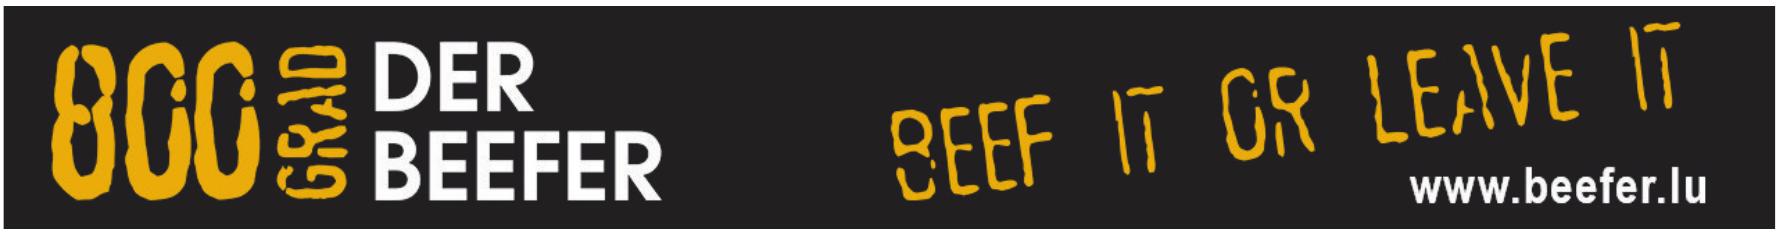 Der Beefer